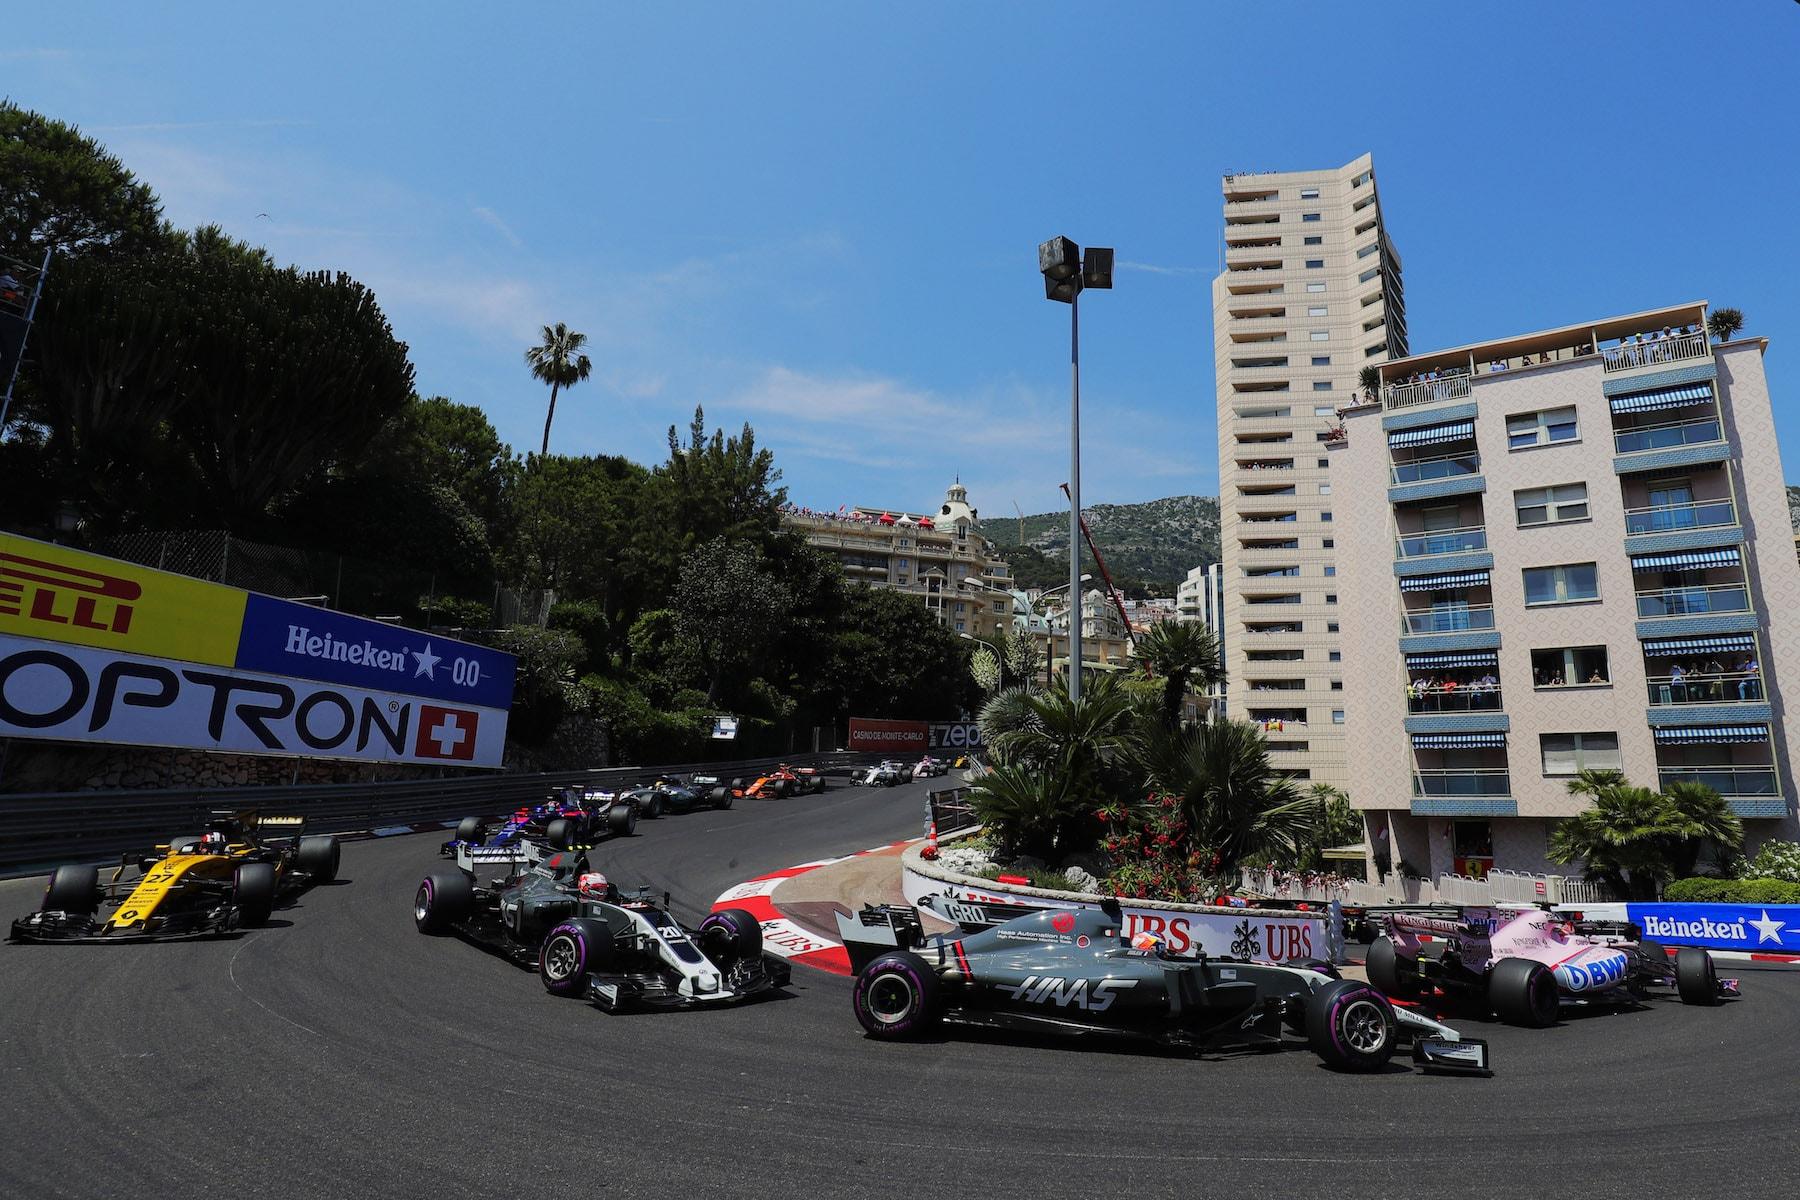 B 2017 Monaco GP start 4 copy.jpg